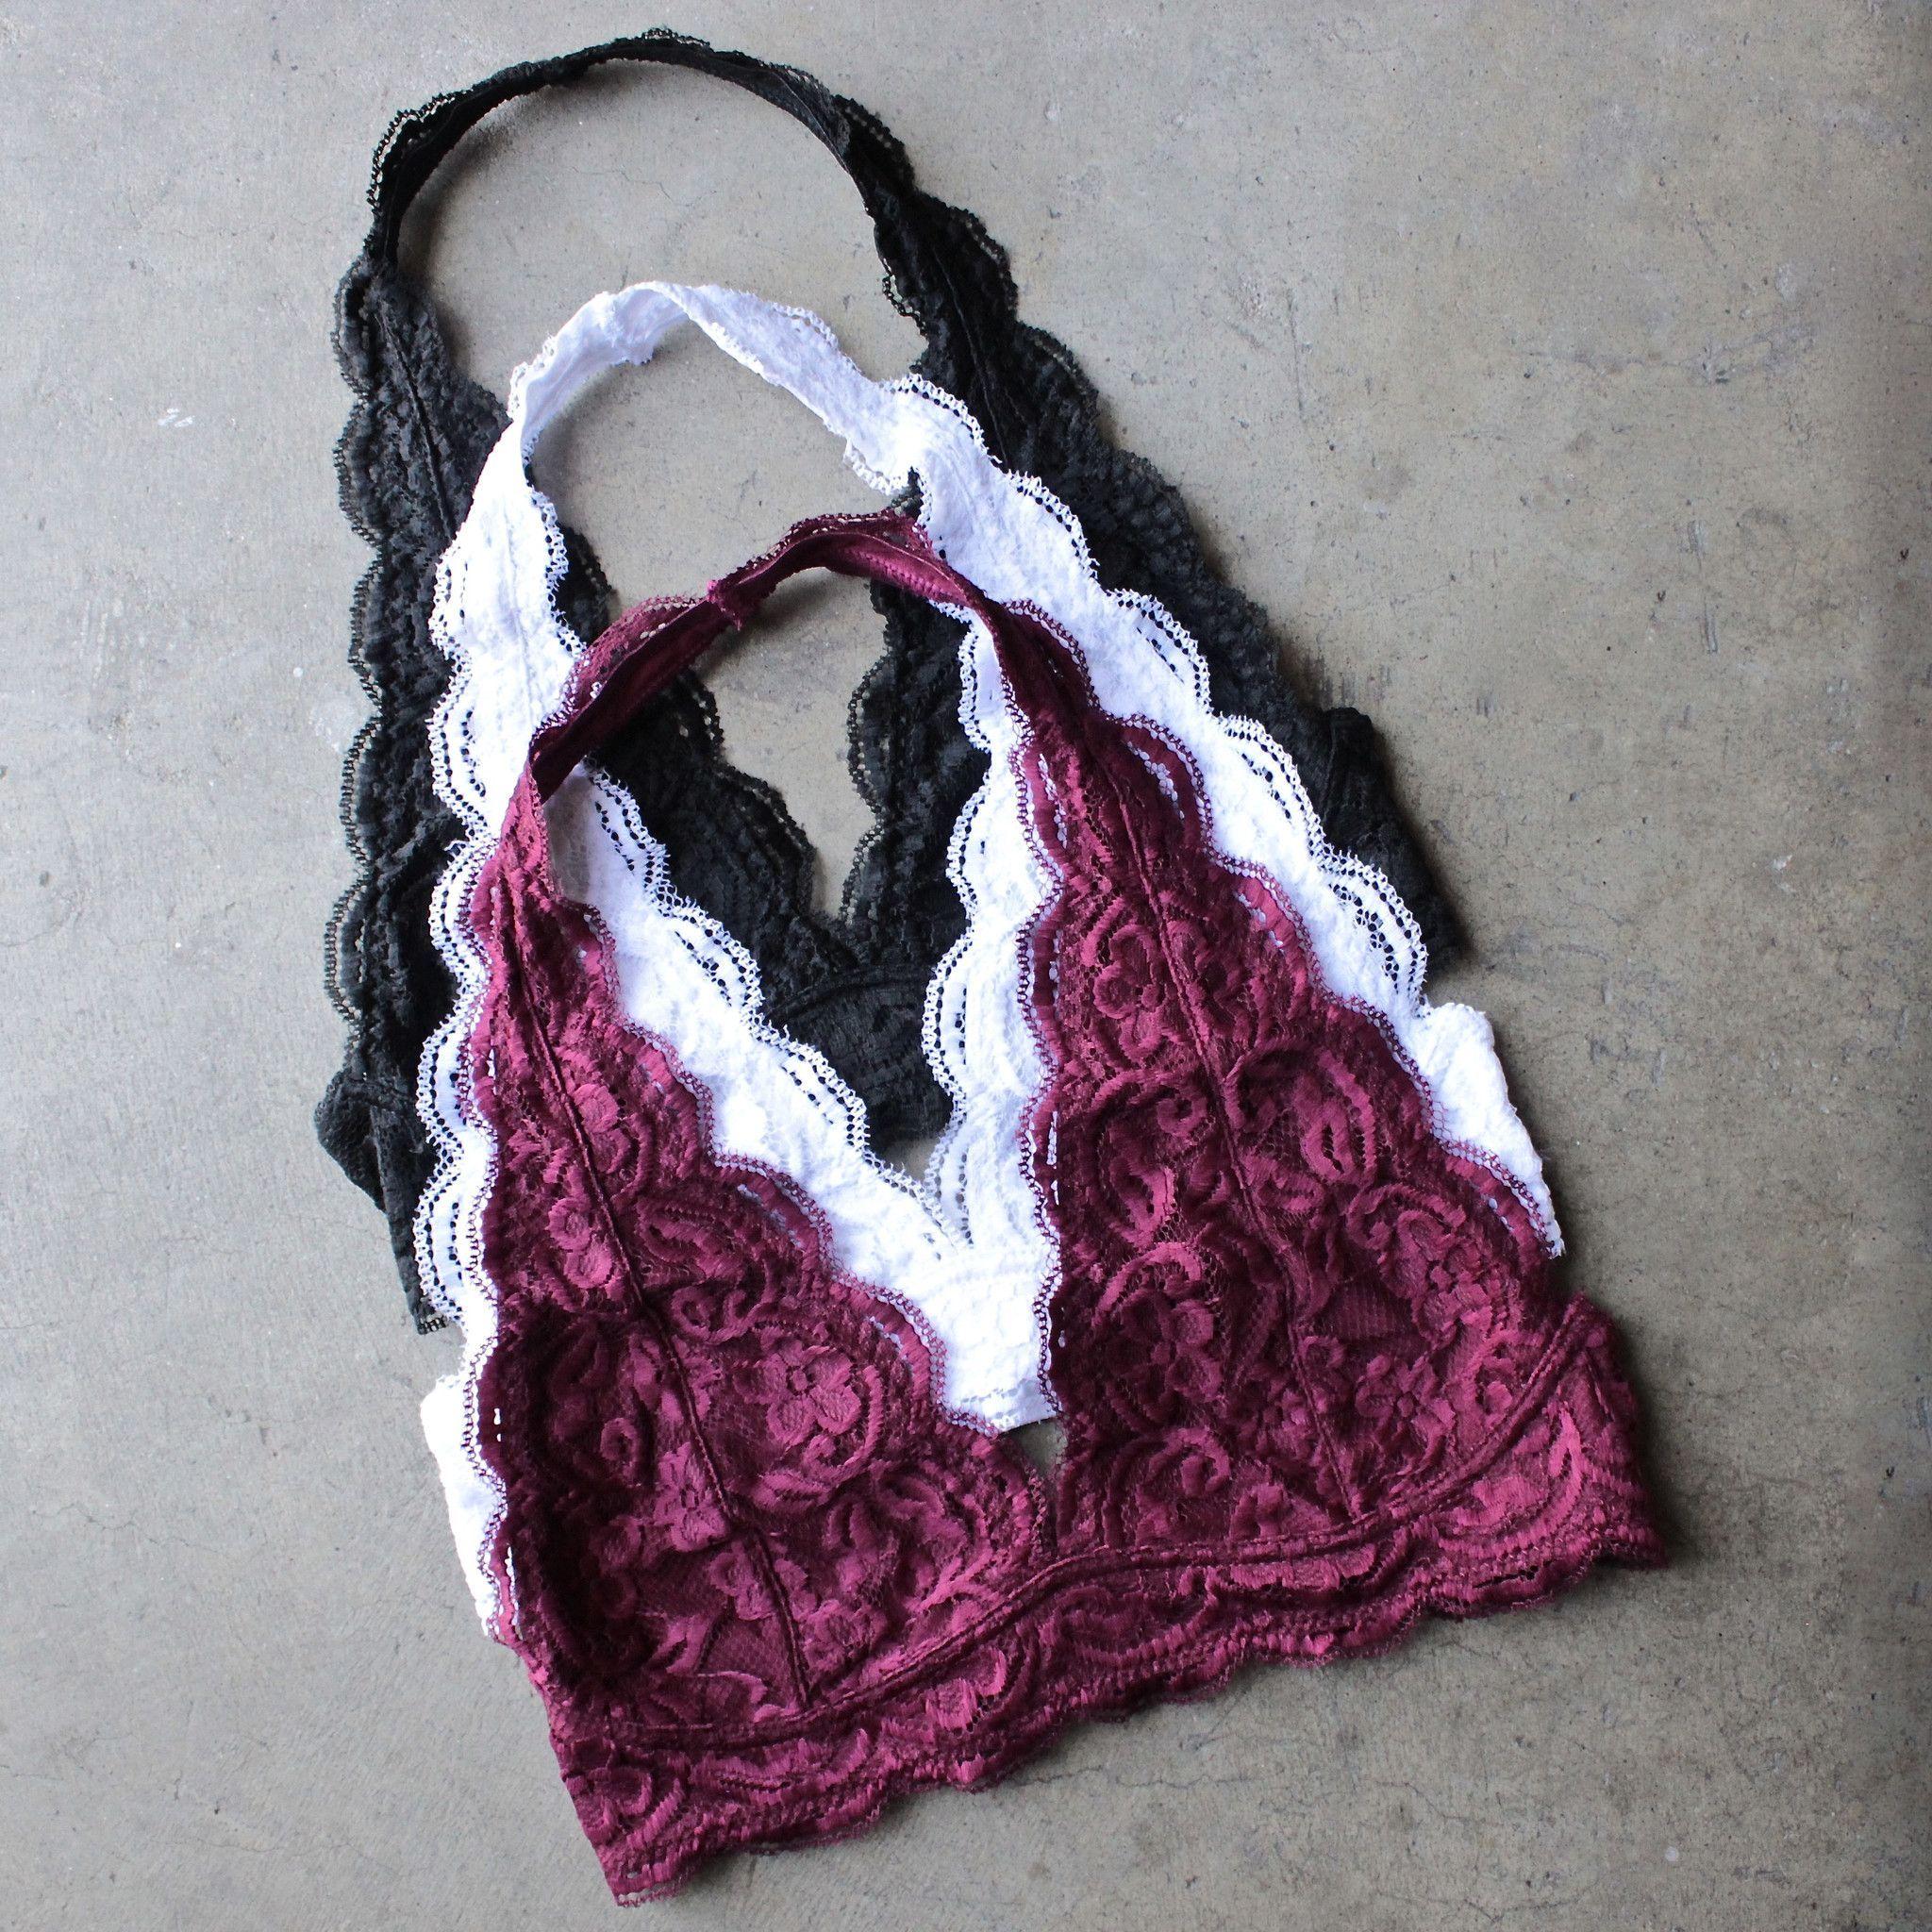 07bc3e0c40f freedom halter lace bralette (more colors) - shophearts - 1